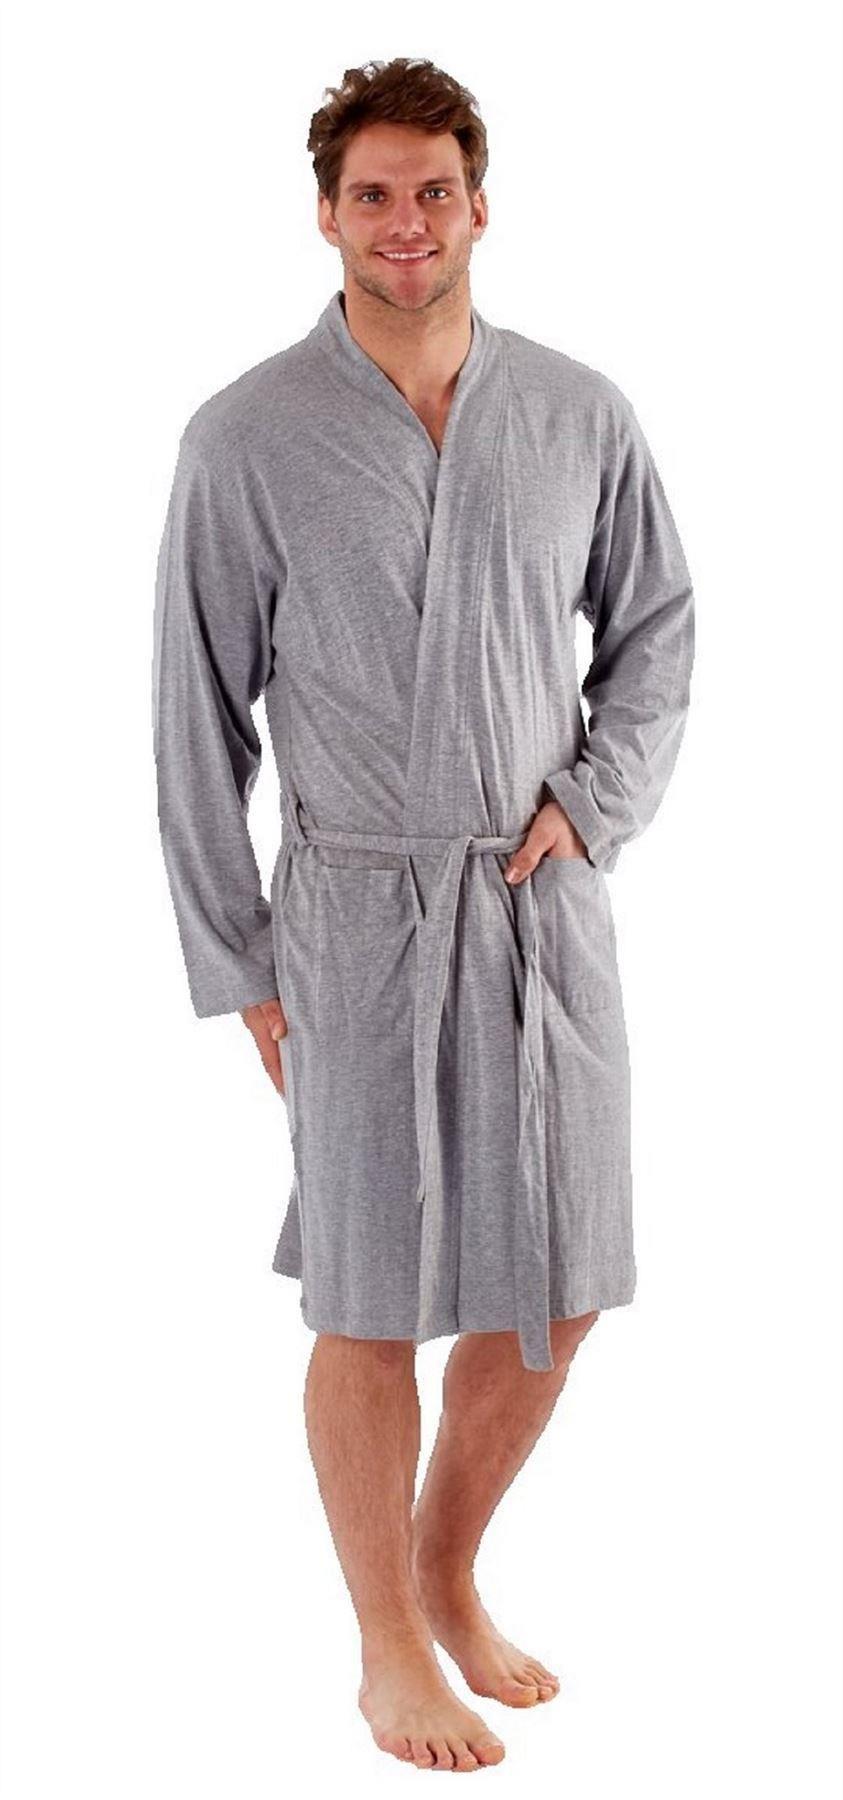 Mens Robe Dressing Gown Kimono Cotton Bathrobe 40 42 44 46